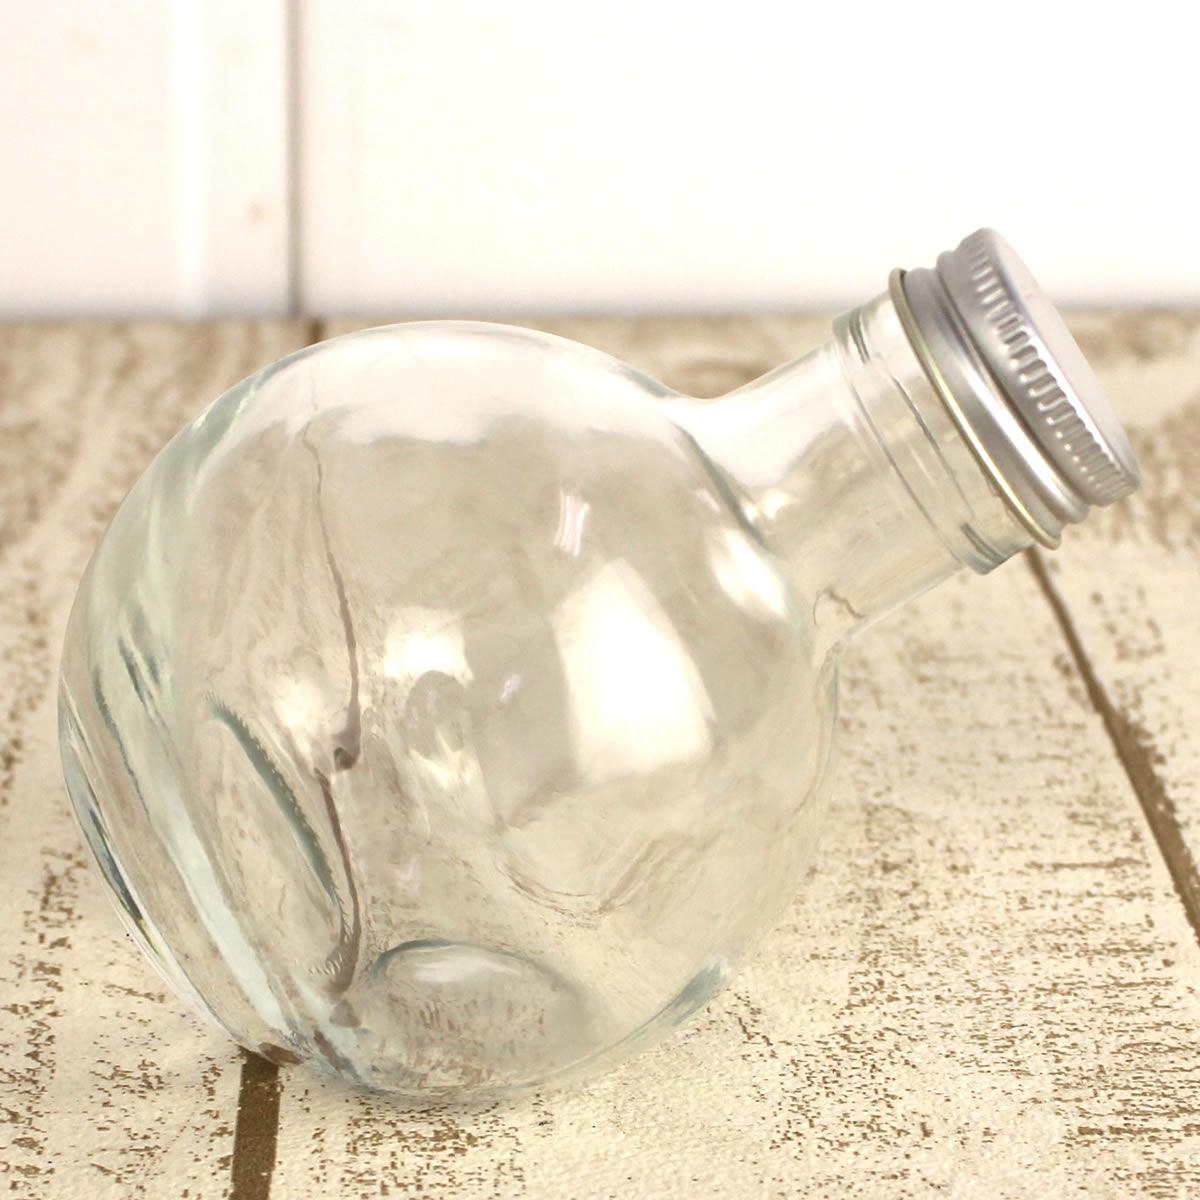 即日 ハーバリウム瓶(フラスコ)180ml アルミ銀キャップ付《花資材・道具 ハーバリウム材料 ハーバリウム オイル》